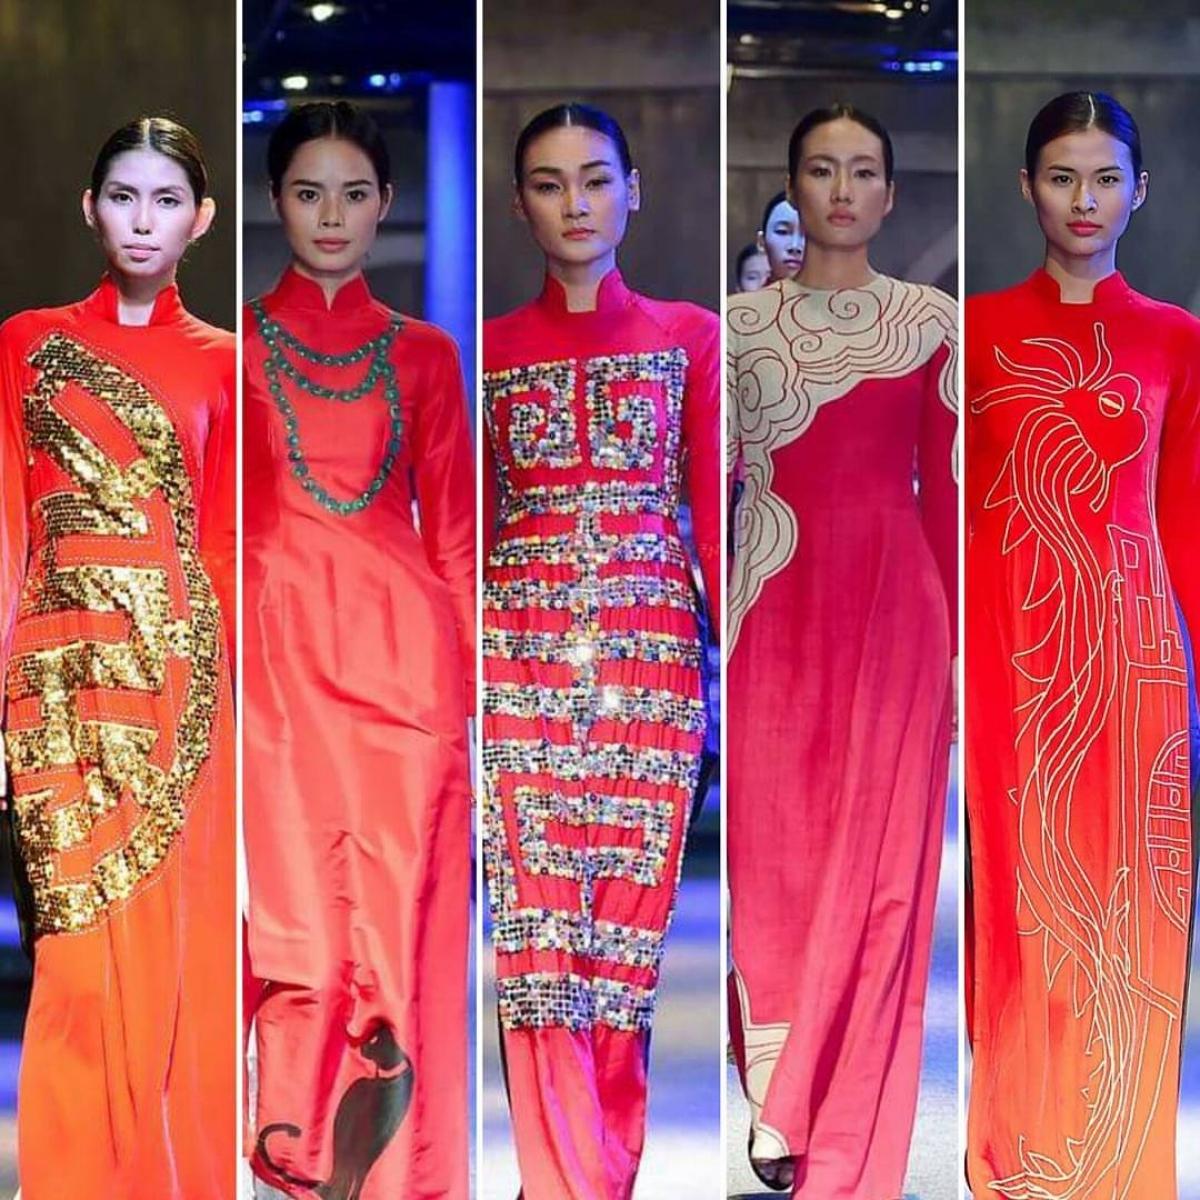 Hầu hết các thiết kế của Diego Chula đều lấy cảm hứng từ văn hóa Việt Nam.